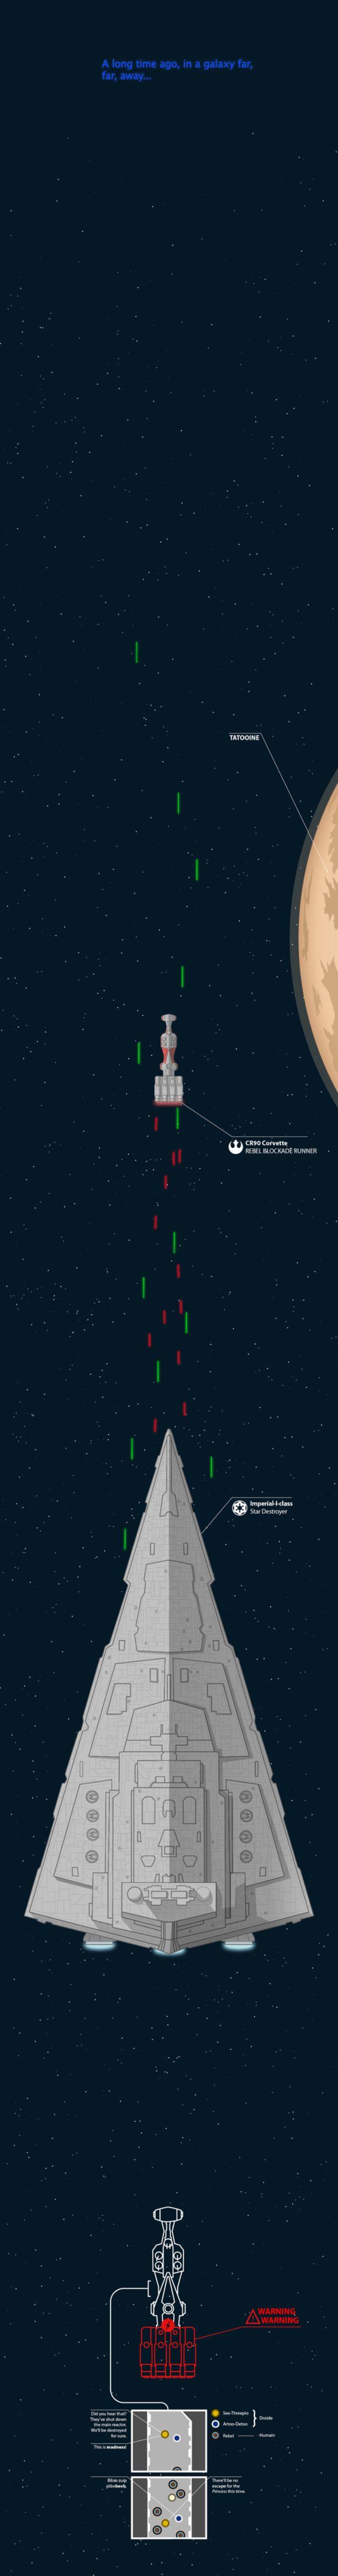 Début de l'infographie Star Wars.